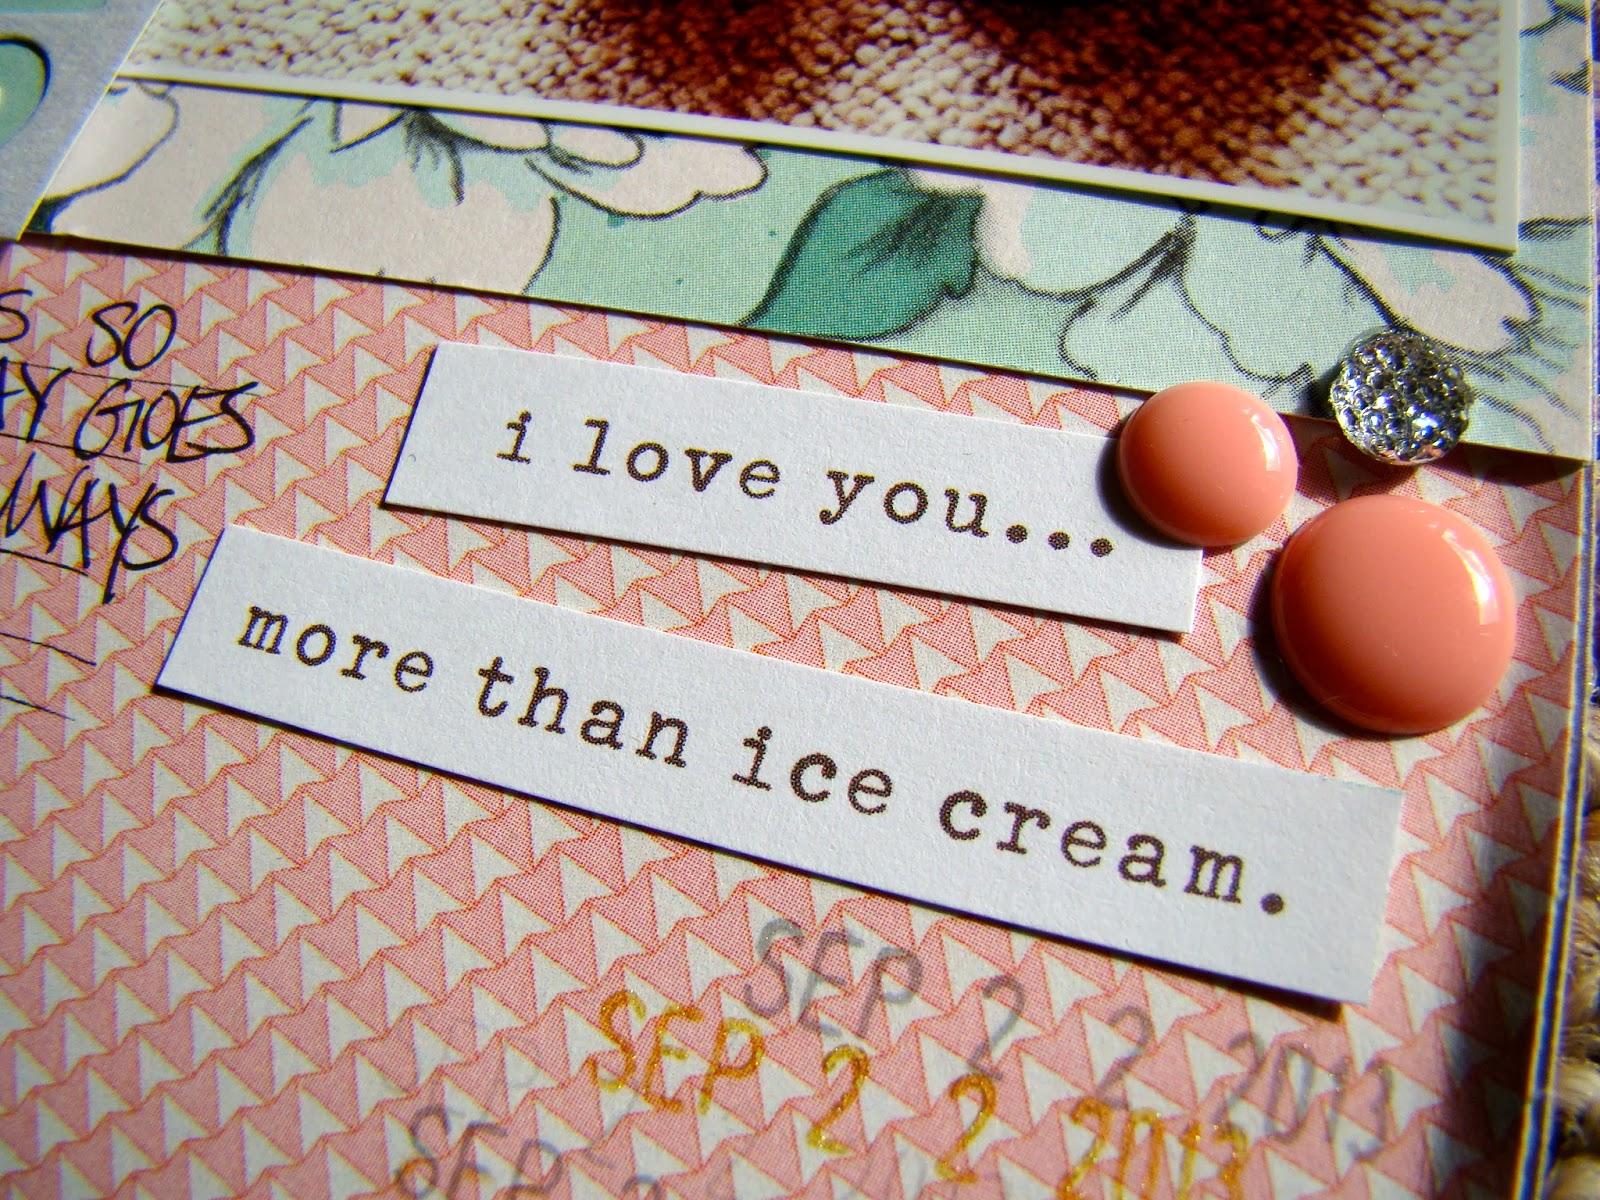 Piperloo: I Love You More Than Ice Cream